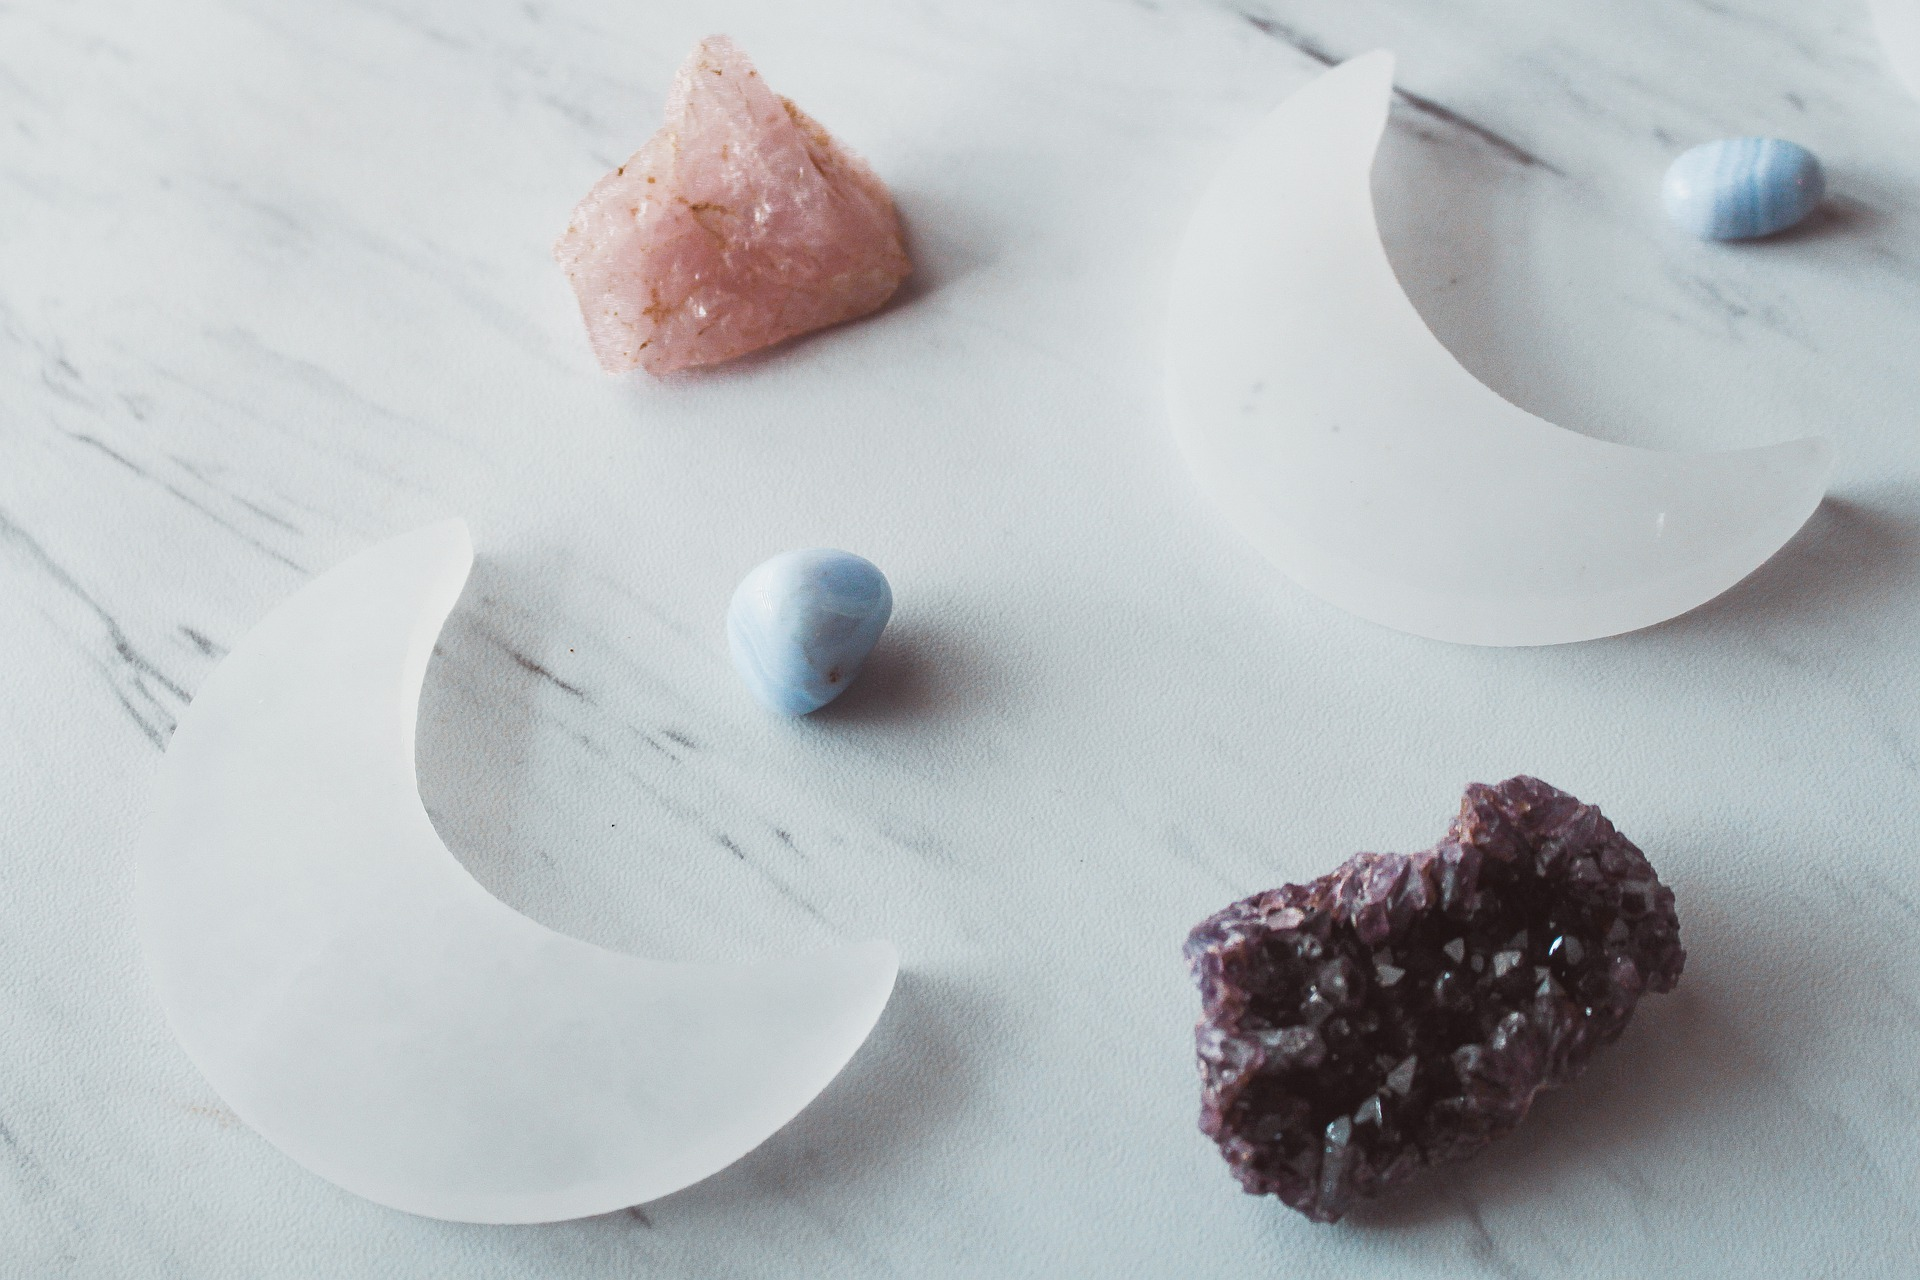 За зодиите, скъпоценните камъни и връзката между тях (II част)